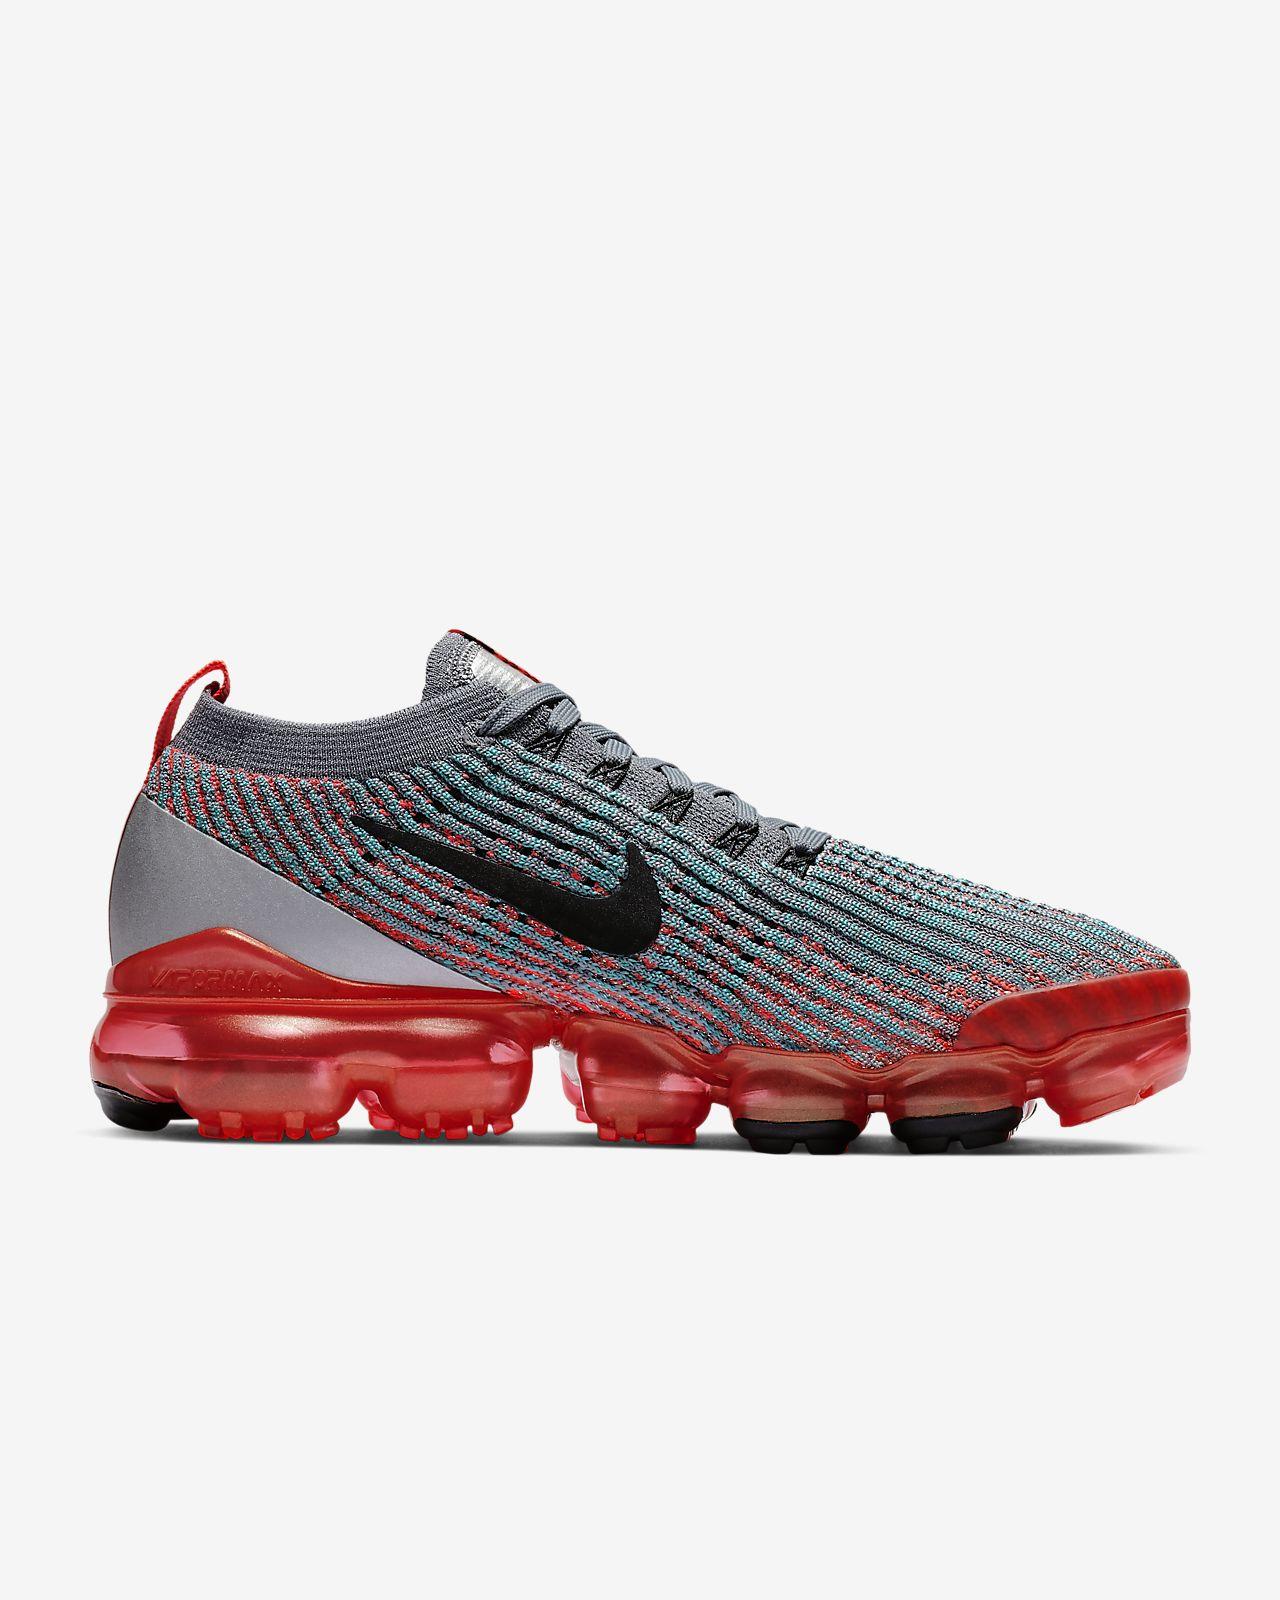 6b7a9da878d6 Nike Air VaporMax Flyknit 3 Women s Shoe. Nike.com